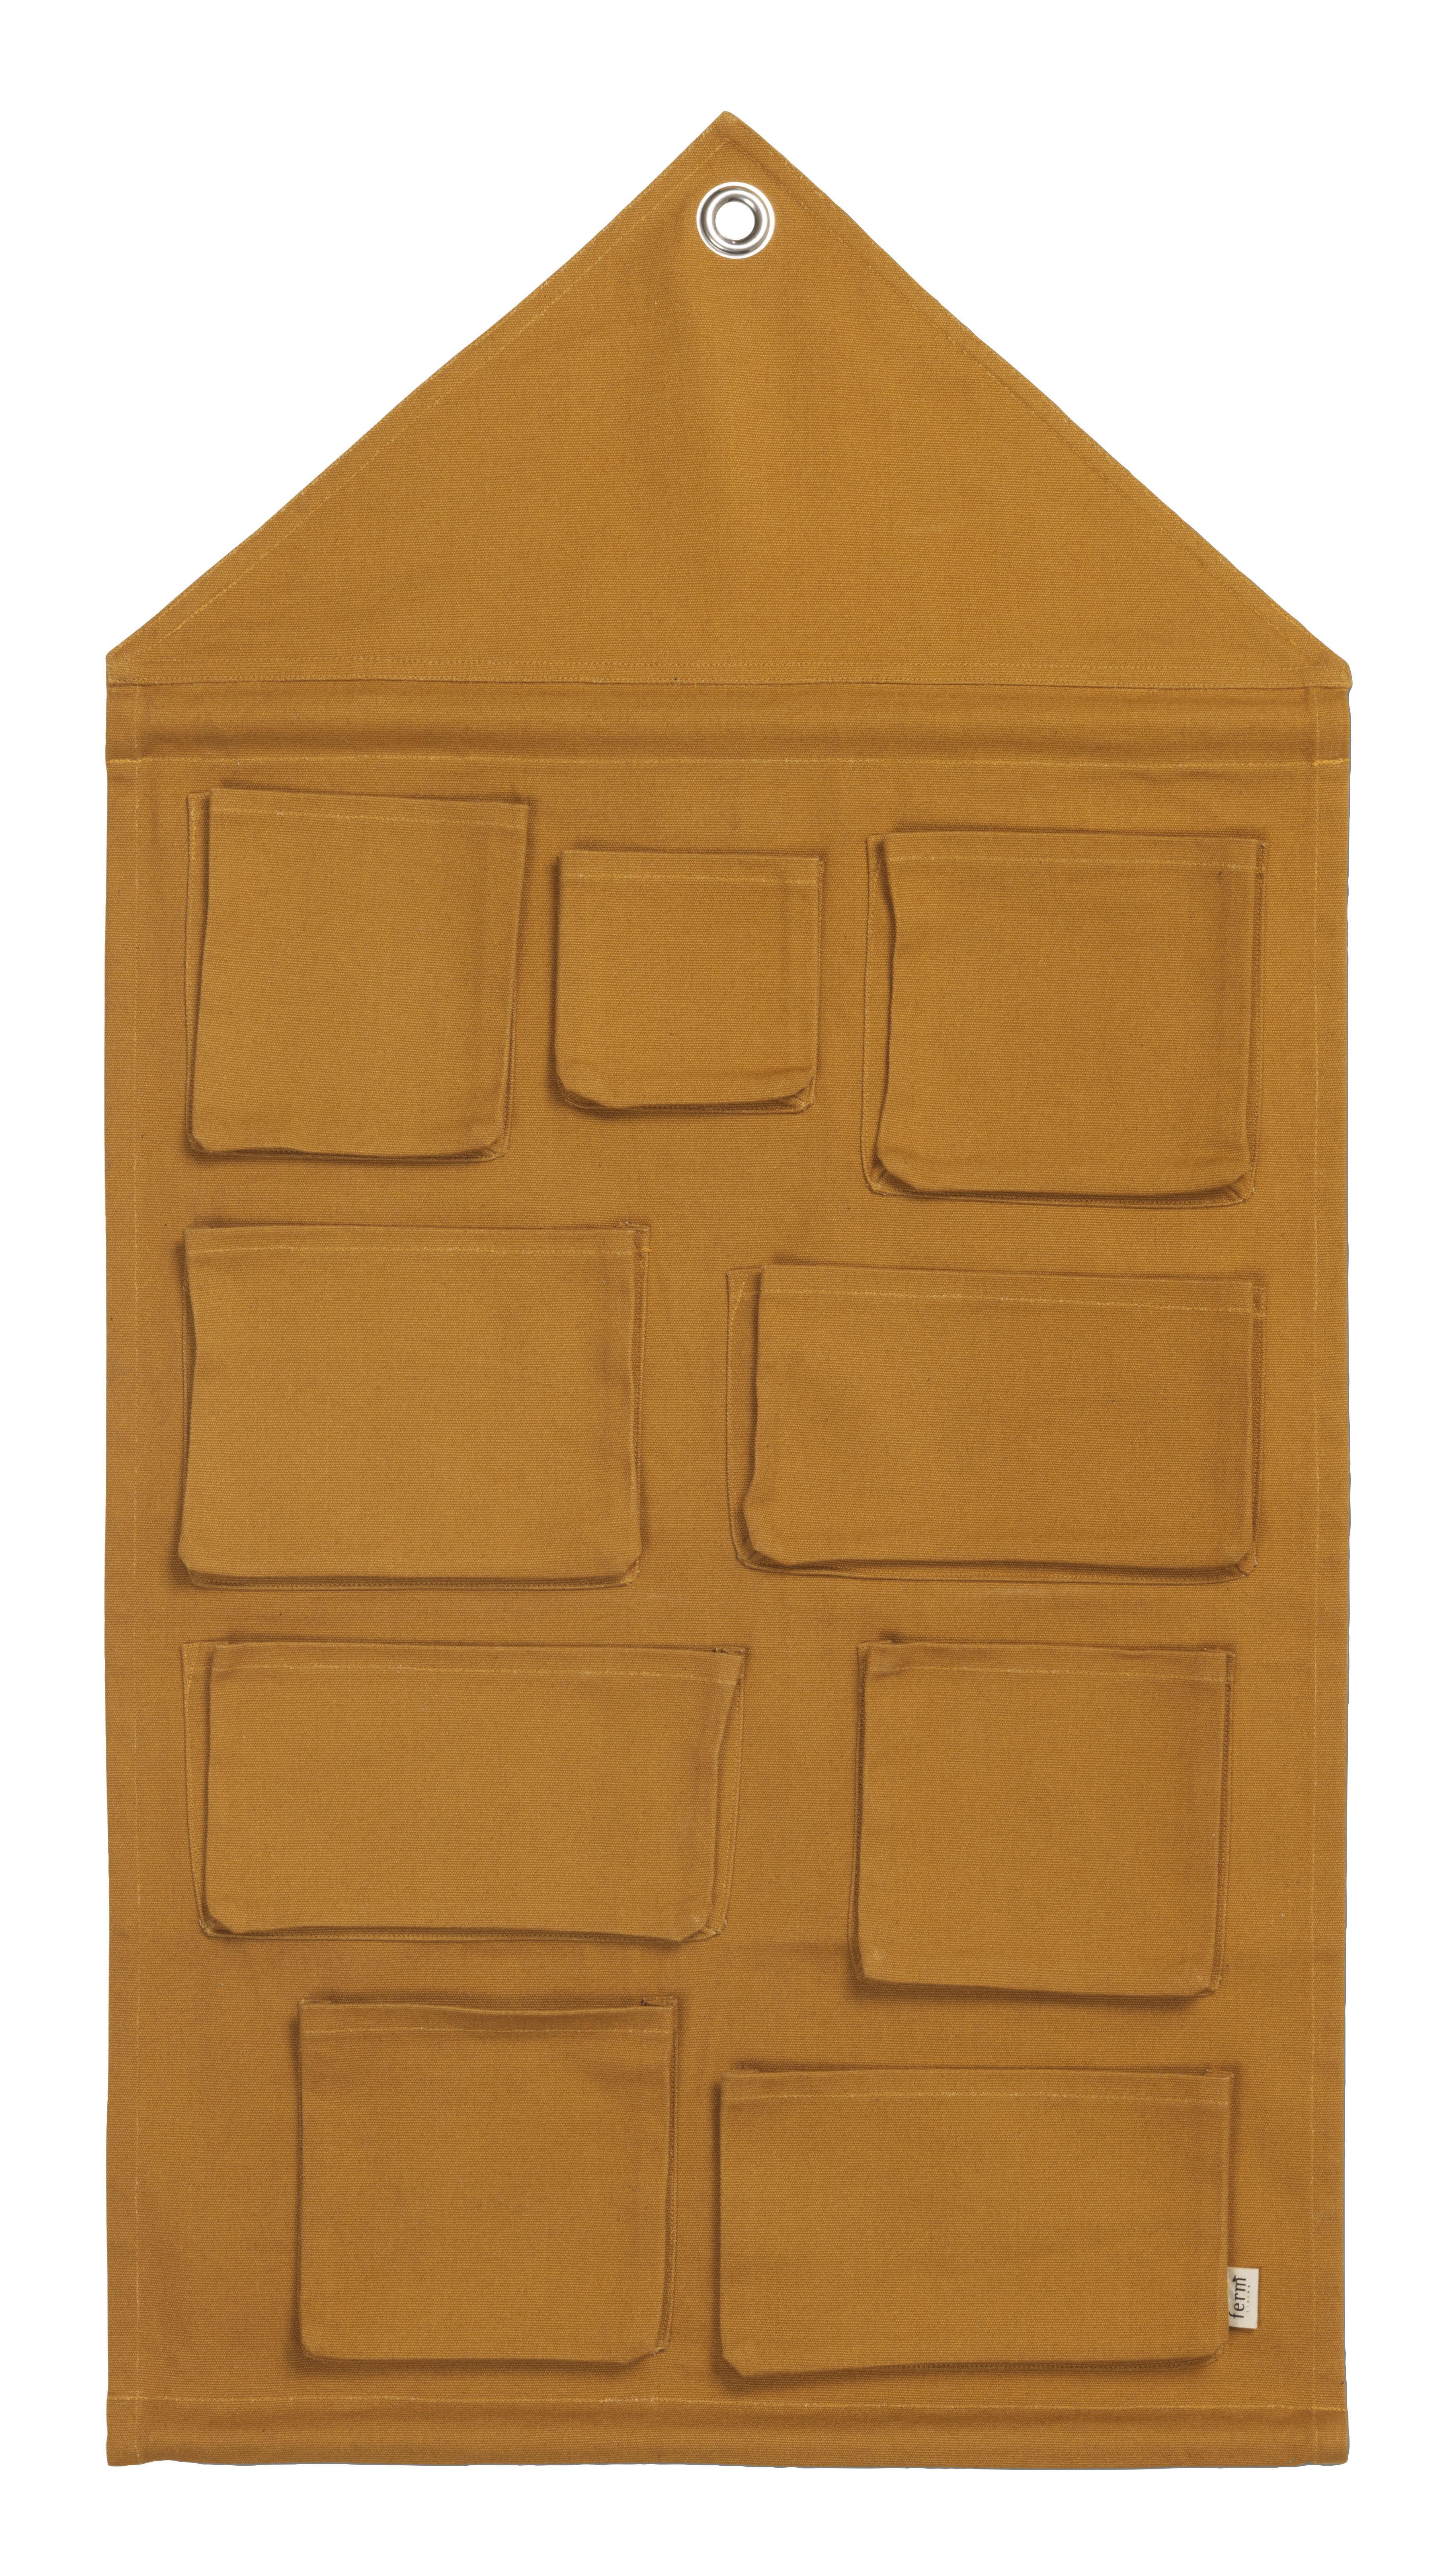 Interni - Per bambini - Portaoggetti da parete House - / Tessuto - L 80 x H 98 cm di Ferm Living - Giallo senape - Cotone